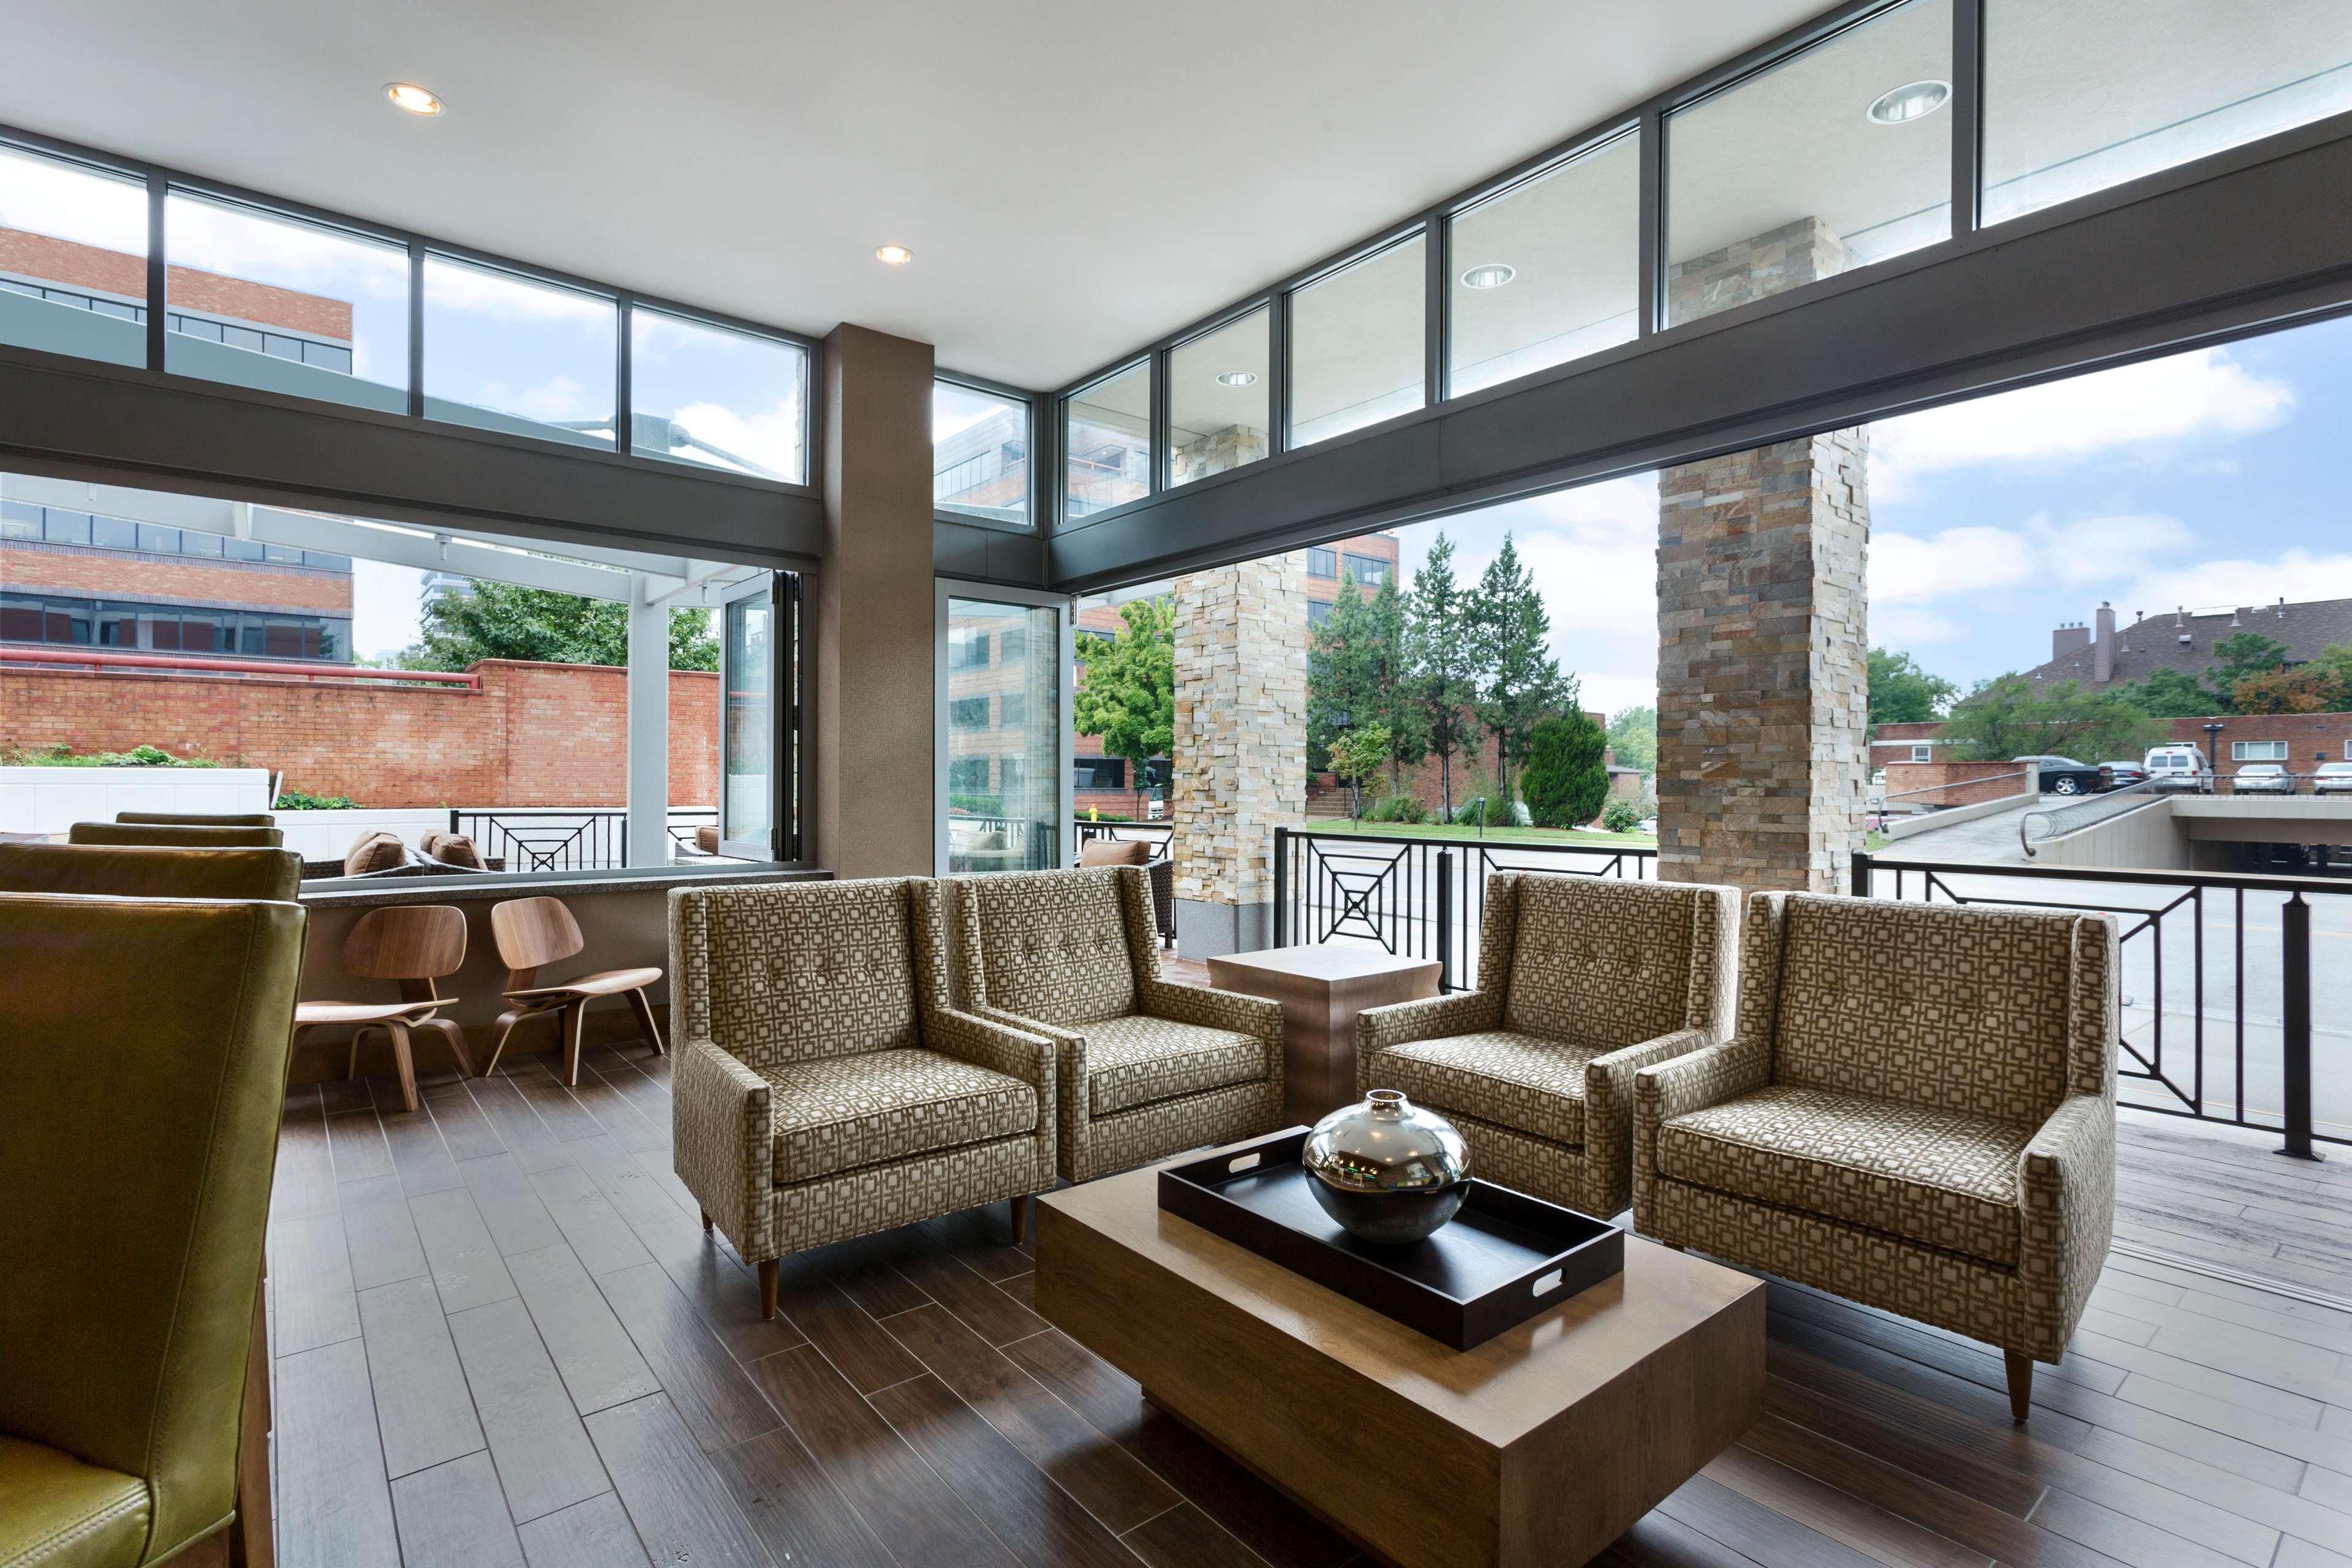 Hampton Inn and Suites Clayton/St Louis-Galleria Area image 34